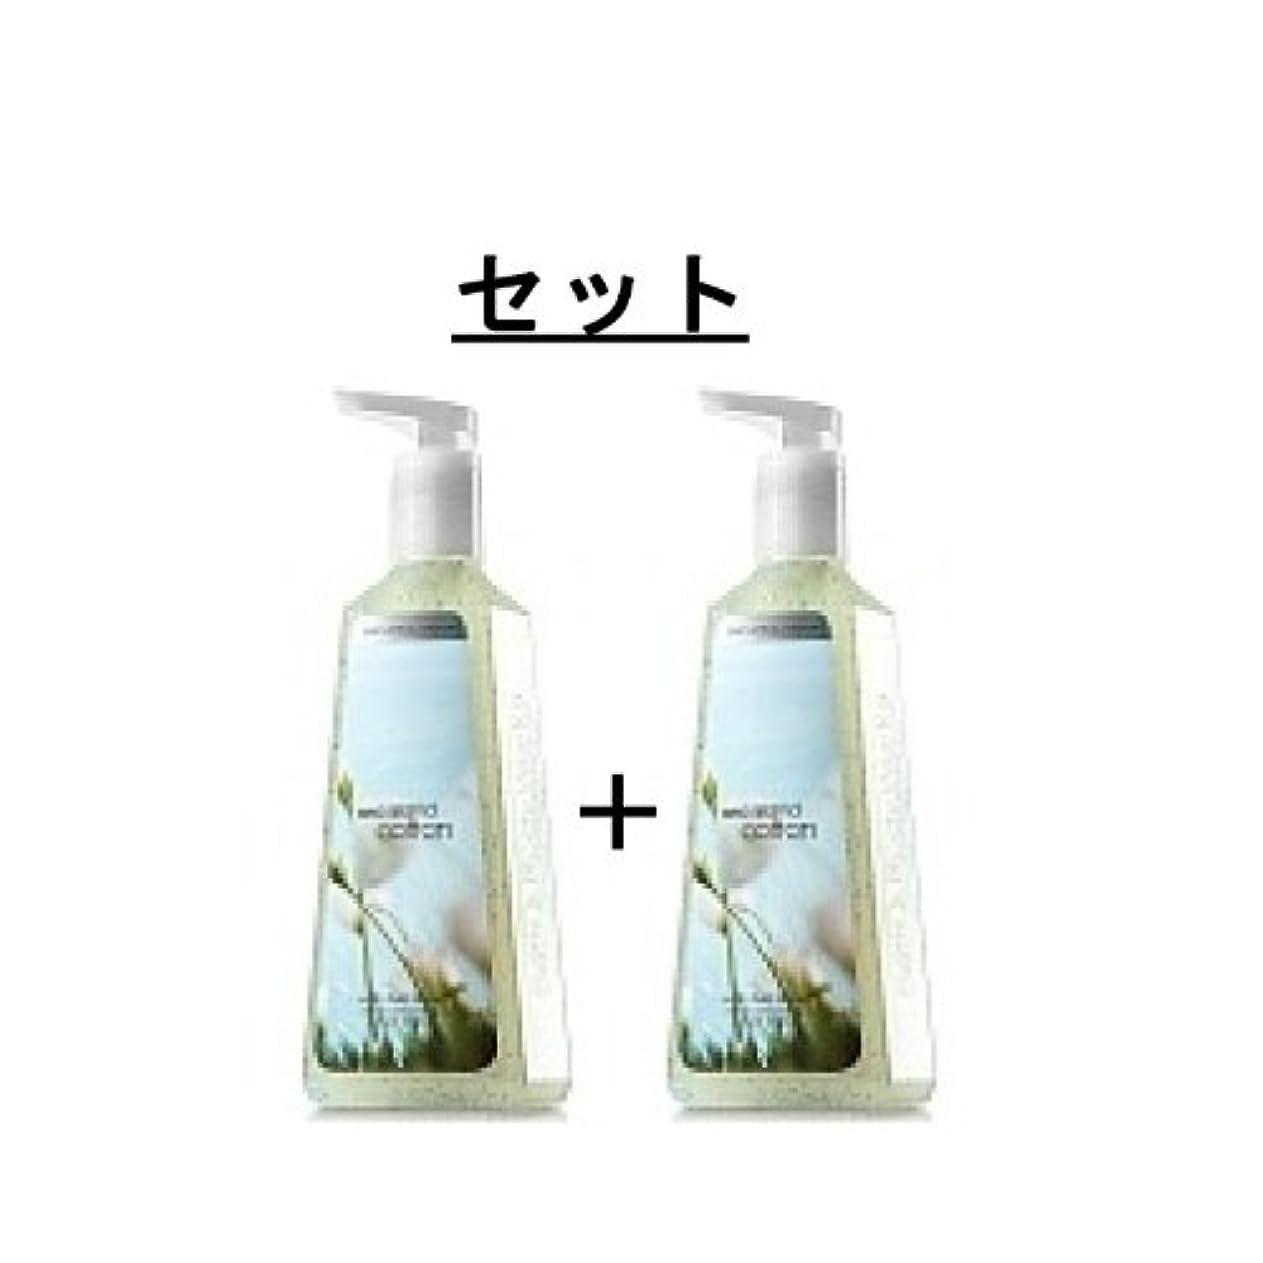 揃える退院有益Bath & Body Works Sea Island Cotton Antibacterial Deep Cleansing Hand Soap Set of 2 シーアイランドコットン【並行輸入品】